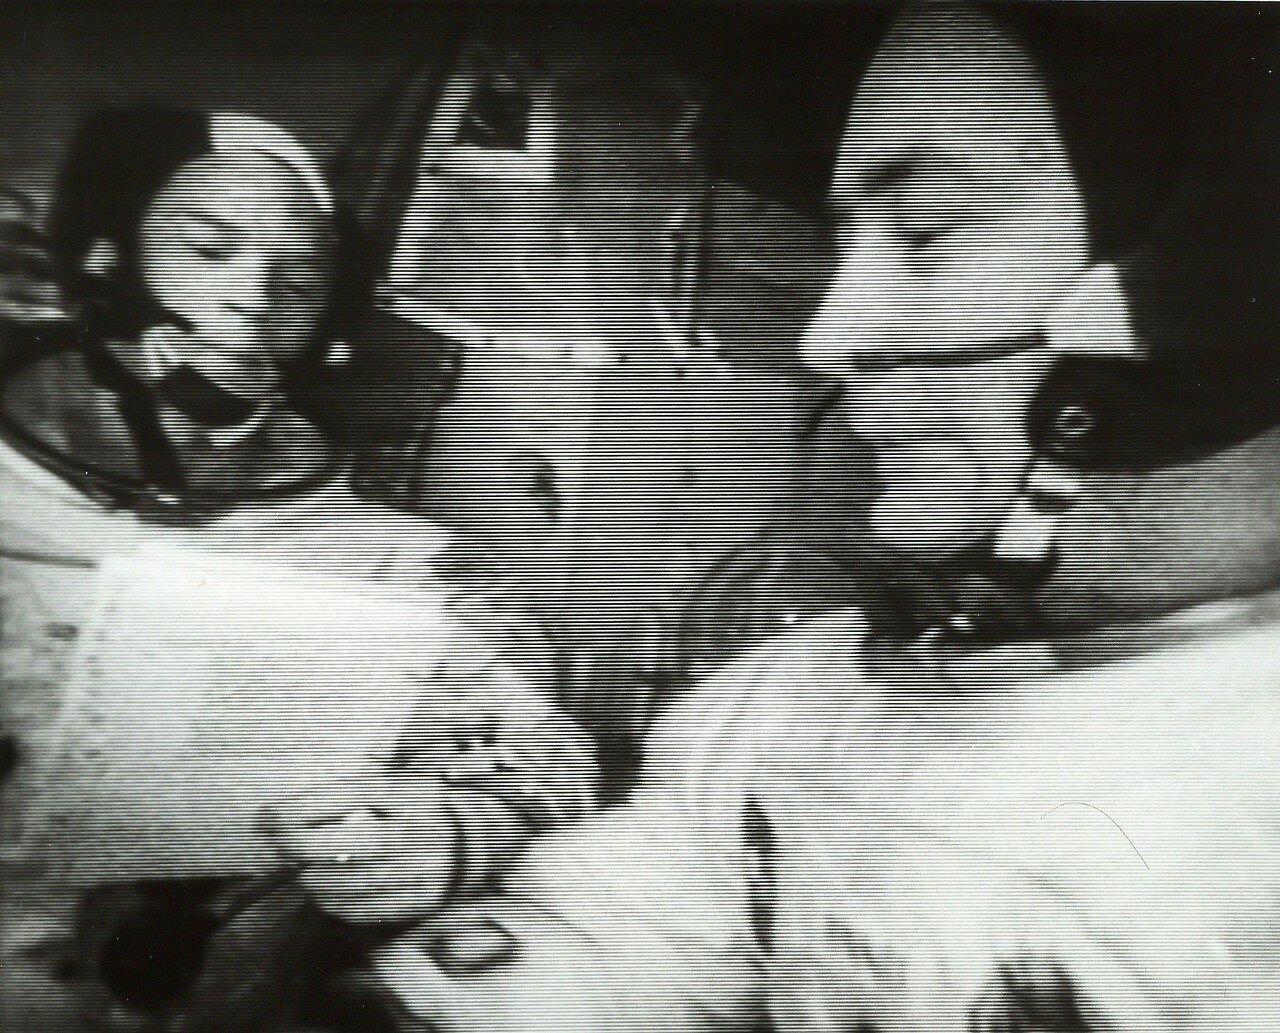 1969, март. В 46 часов 29 минут полётного времени начался первый сеанс телевизионной передачи с борта, который продолжался около семи минут. Астронавты показывали отсек экипажа лунного модуля и друг друга. Качество изображения было удовлетворительным